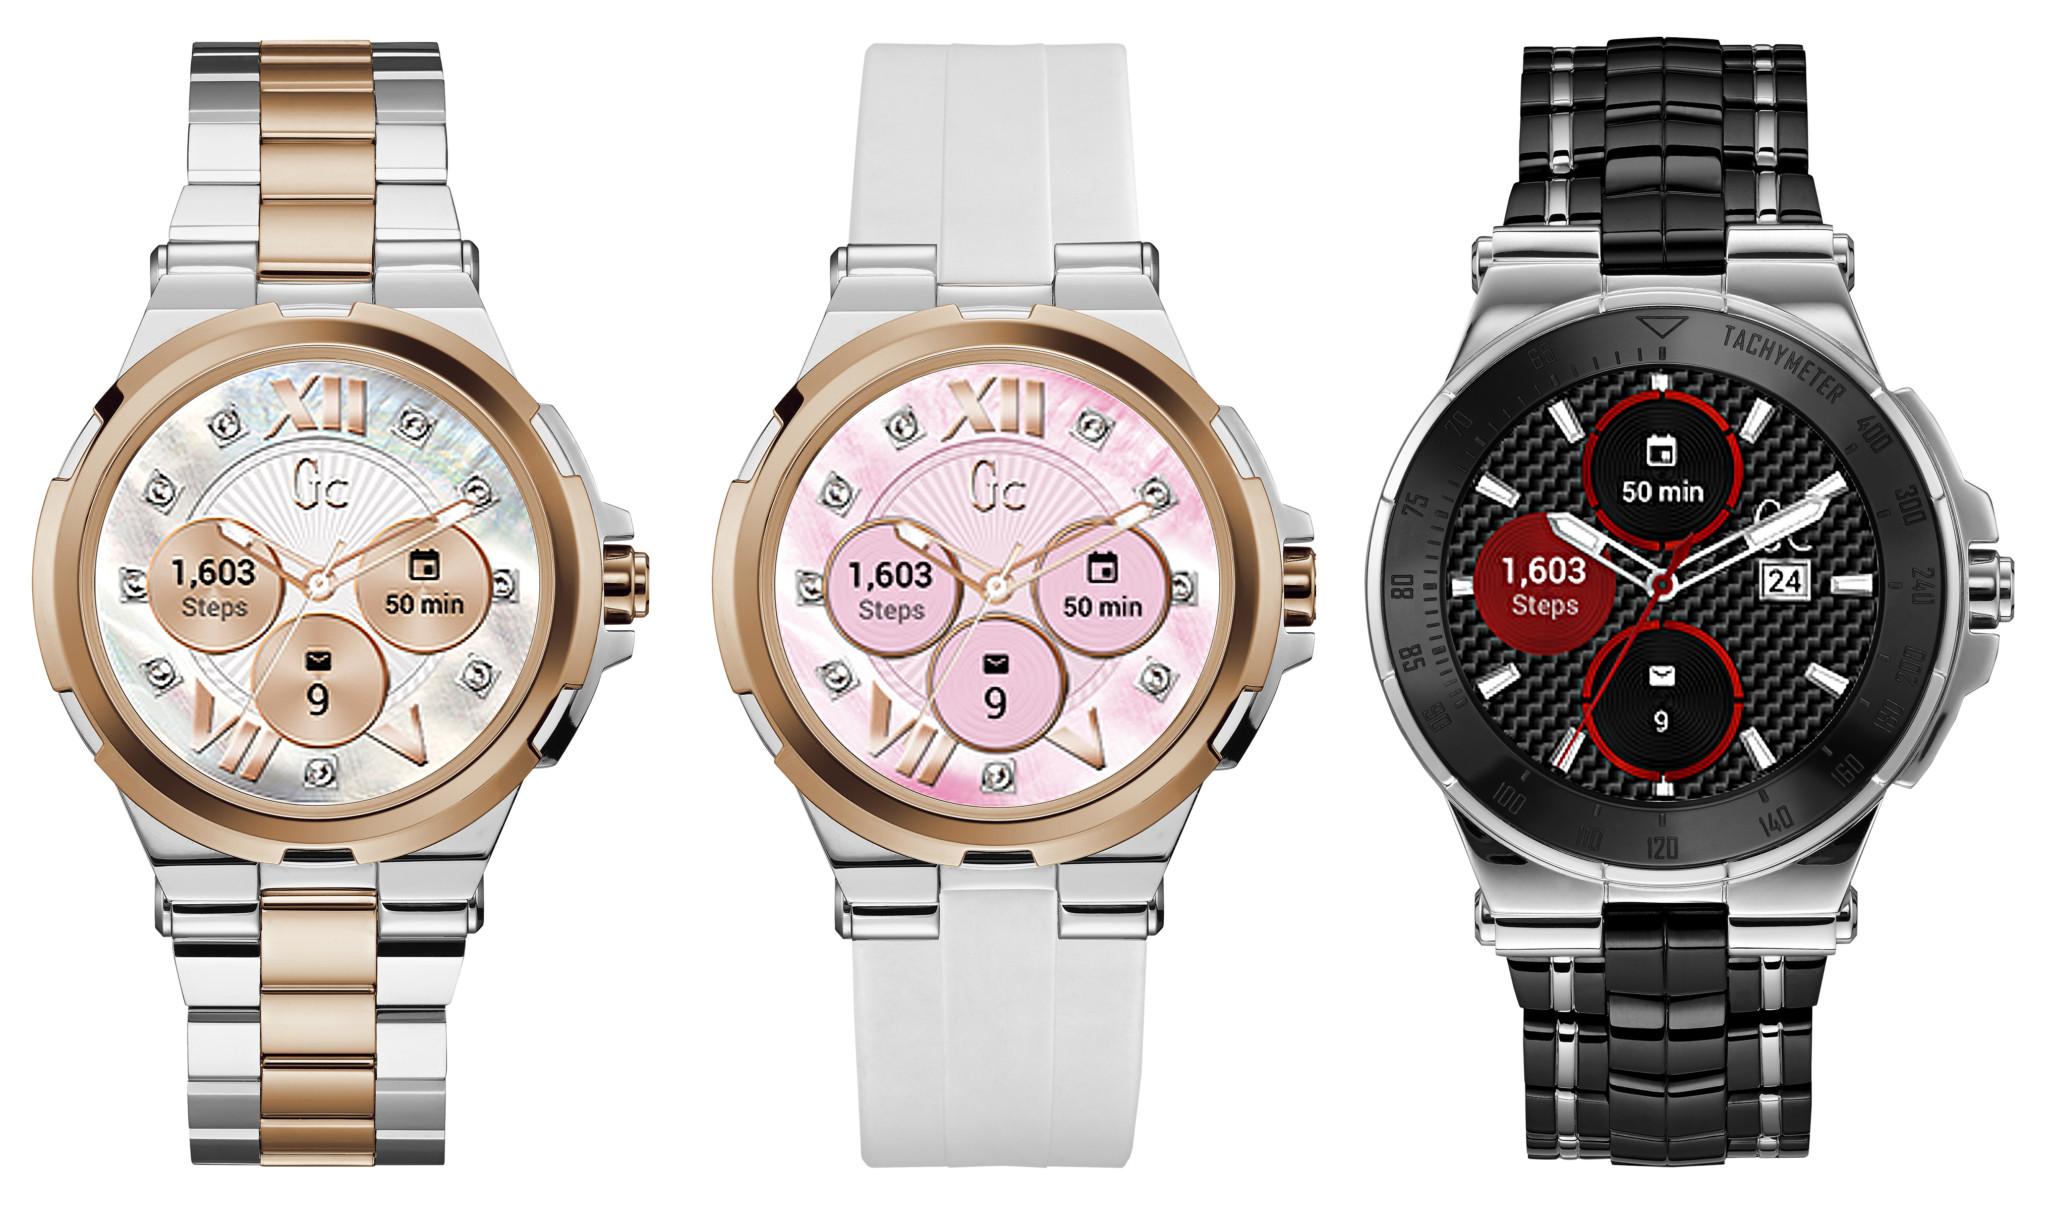 Gc Smartwatches